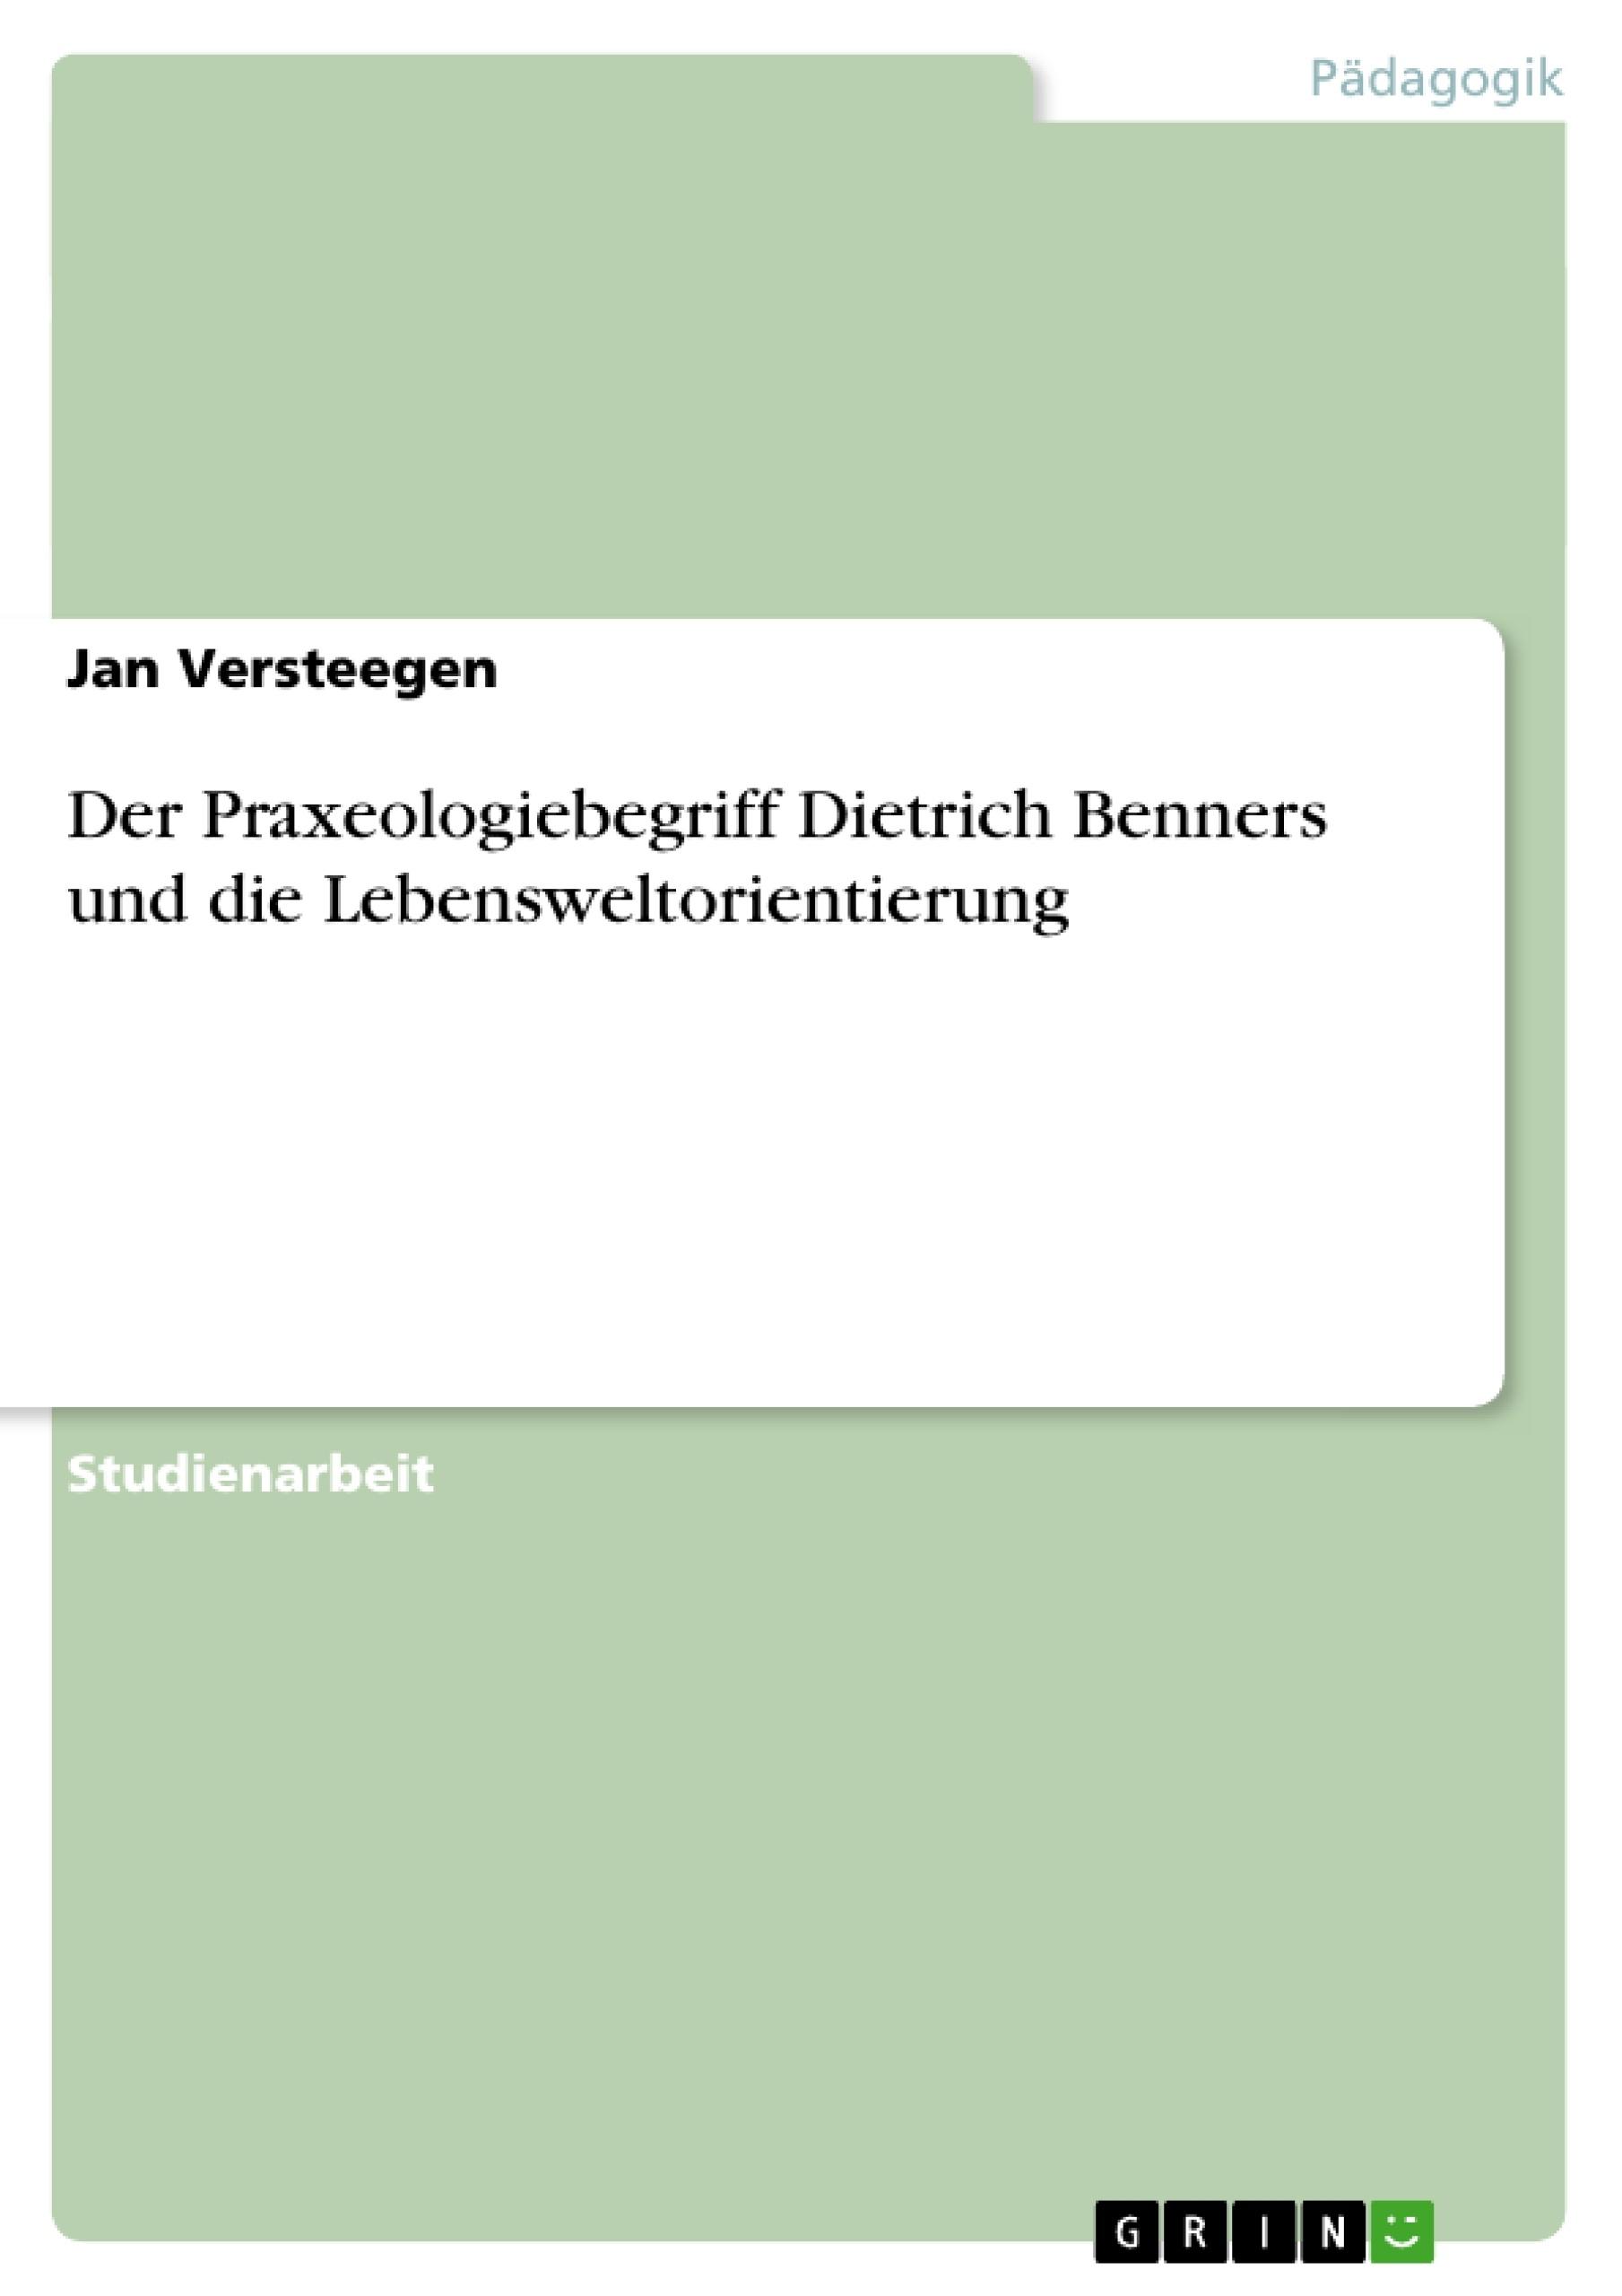 Titel: Der Praxeologiebegriff Dietrich Benners und die Lebensweltorientierung